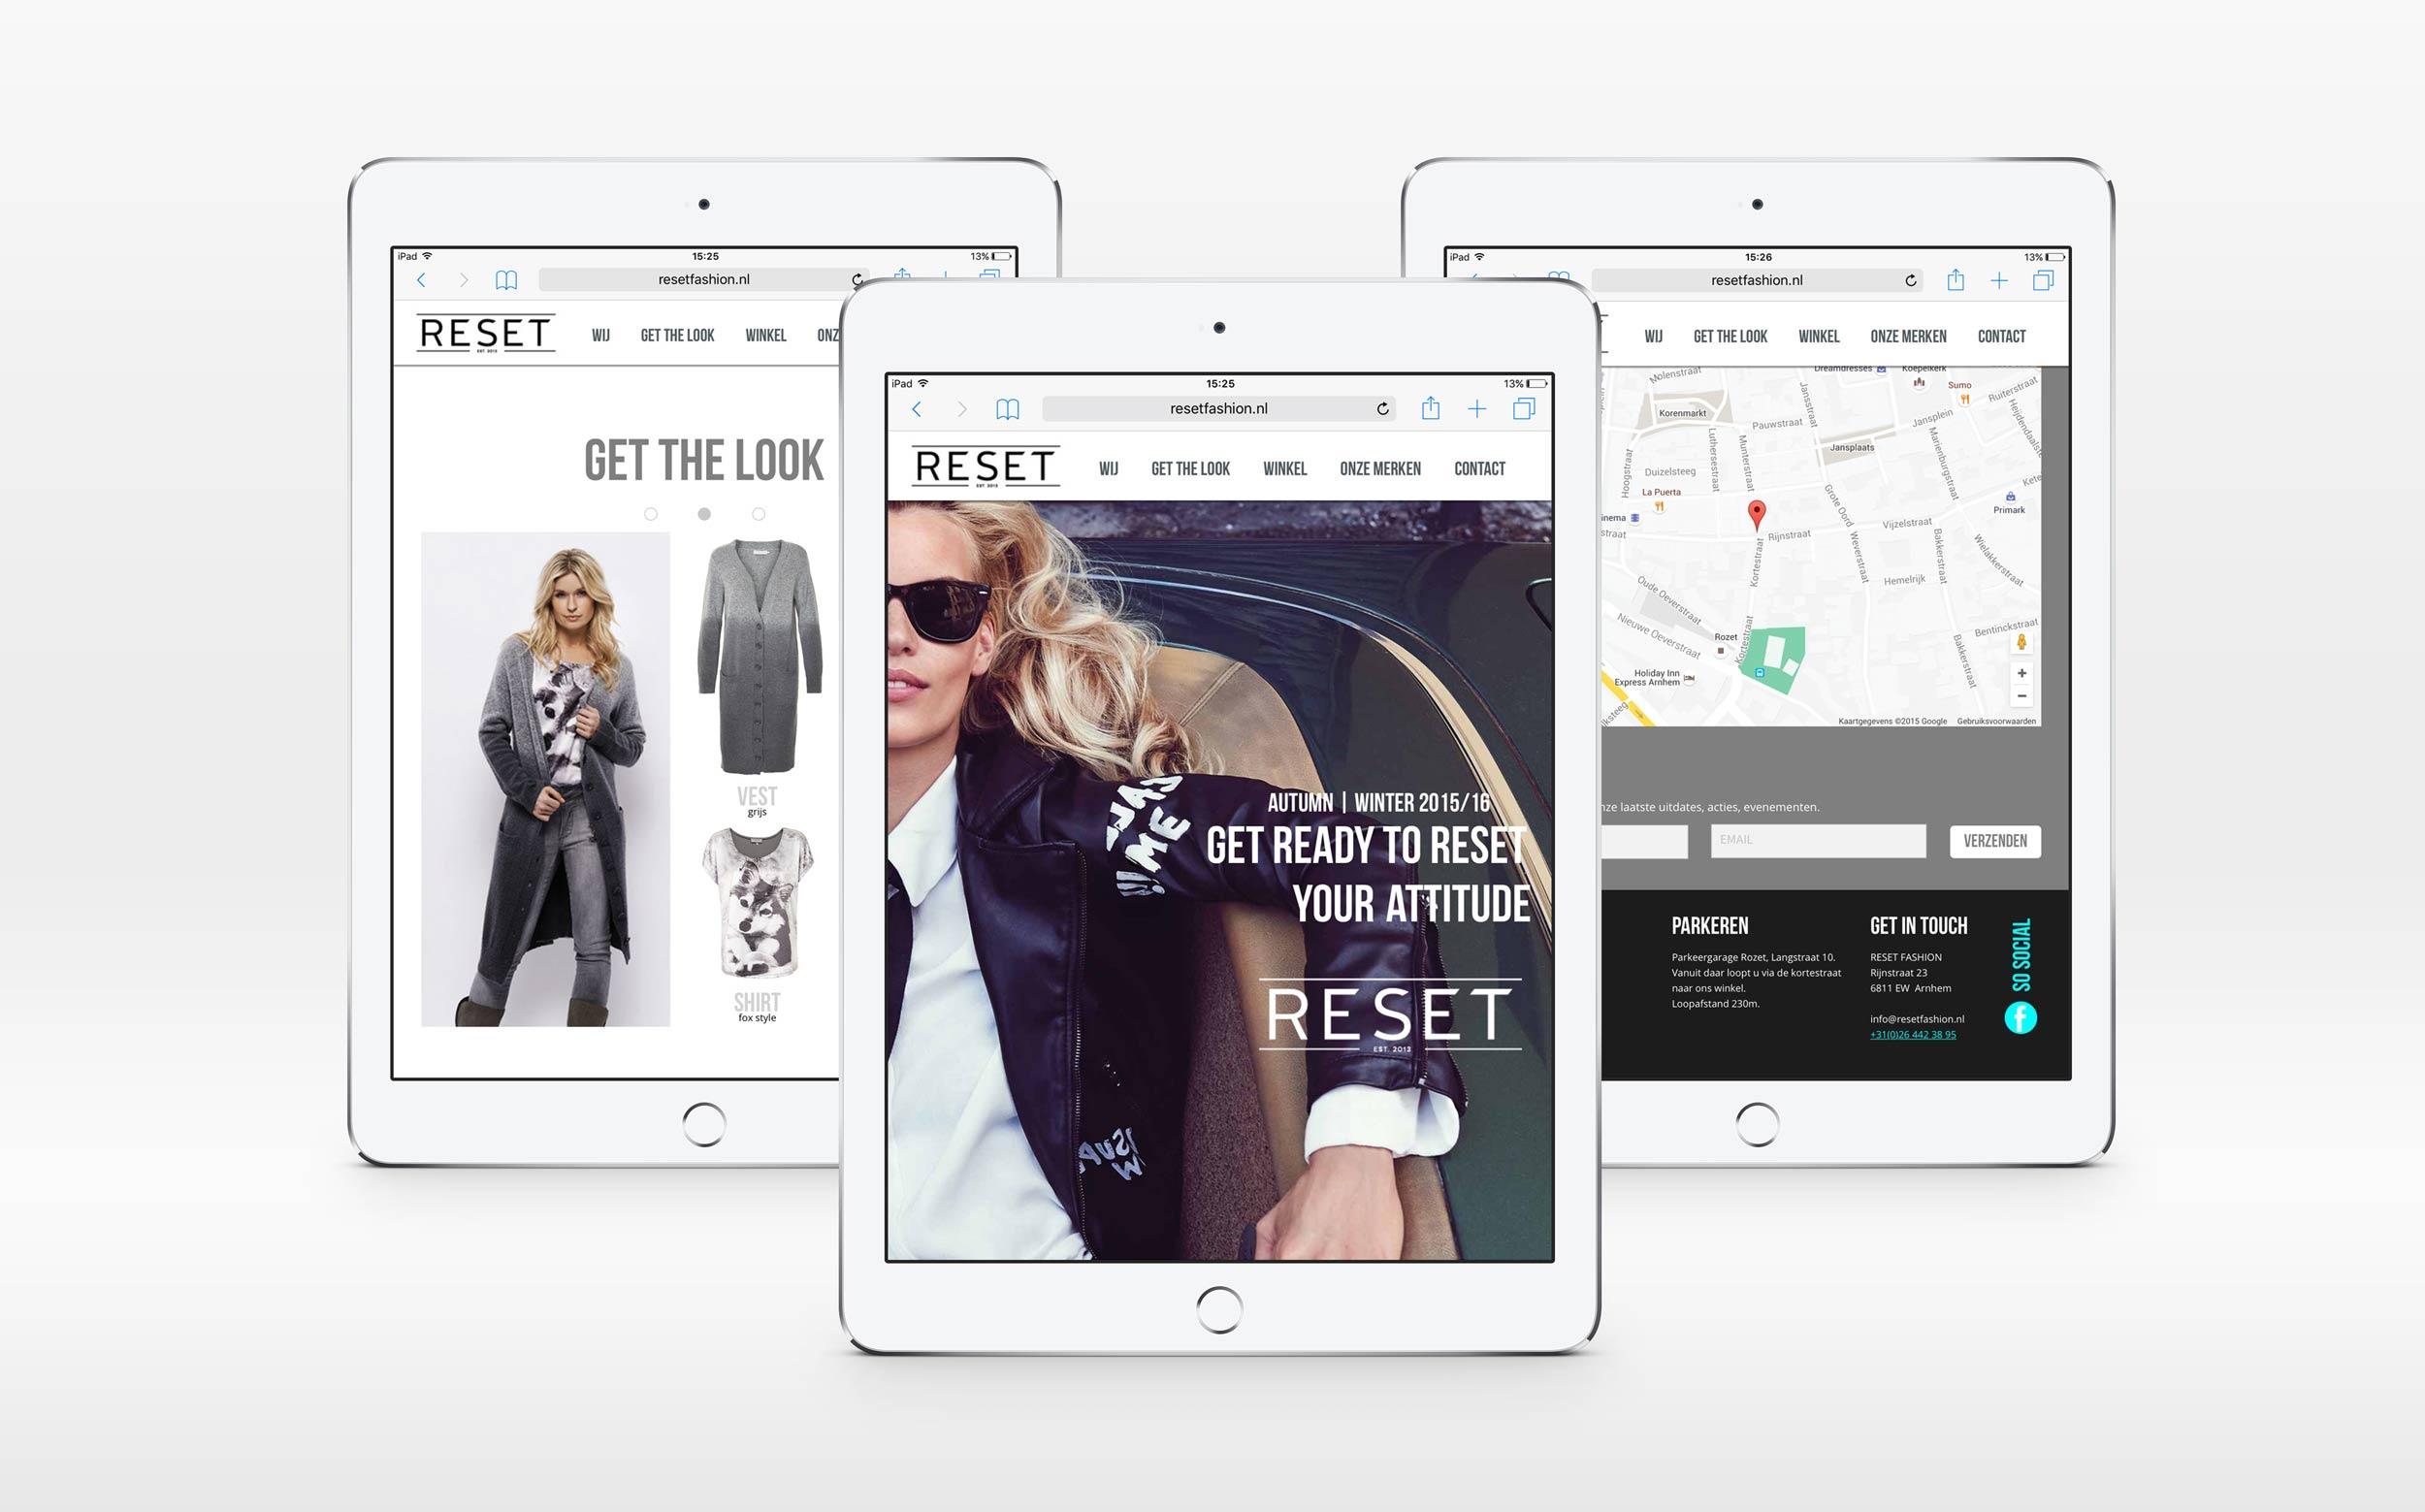 Reset_iPad-Air-2-Mockup 3